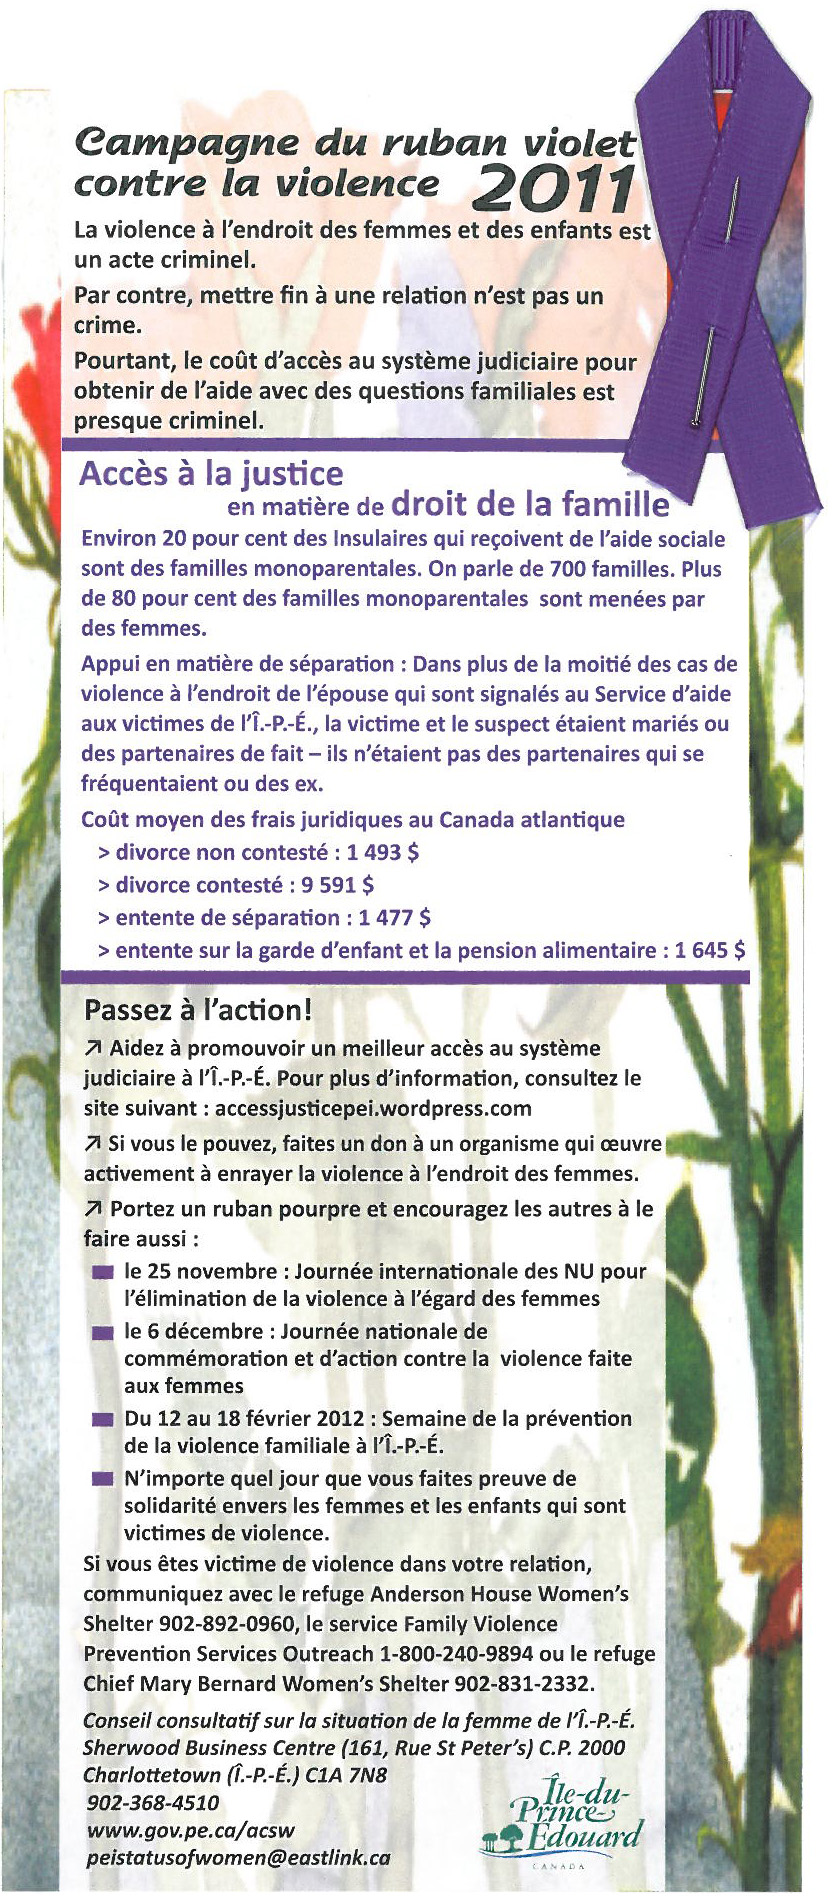 Carte d'information, Campagne du ruban violet